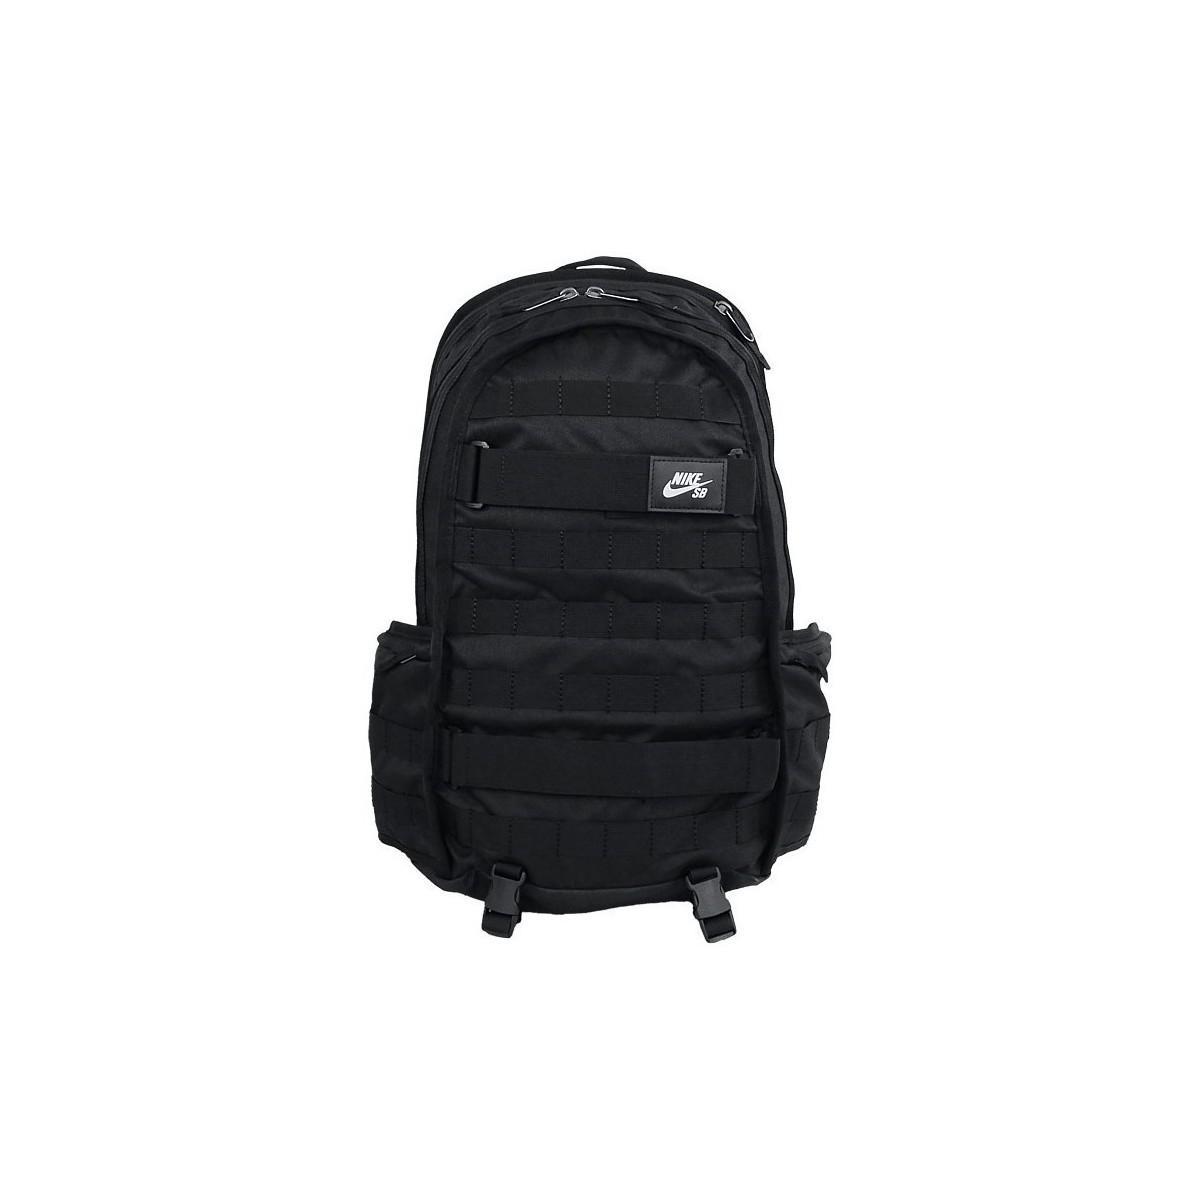 829cba03c6 Nike Sb Rpm Skateboard Rucksack Women s Backpack In Black in Black ...